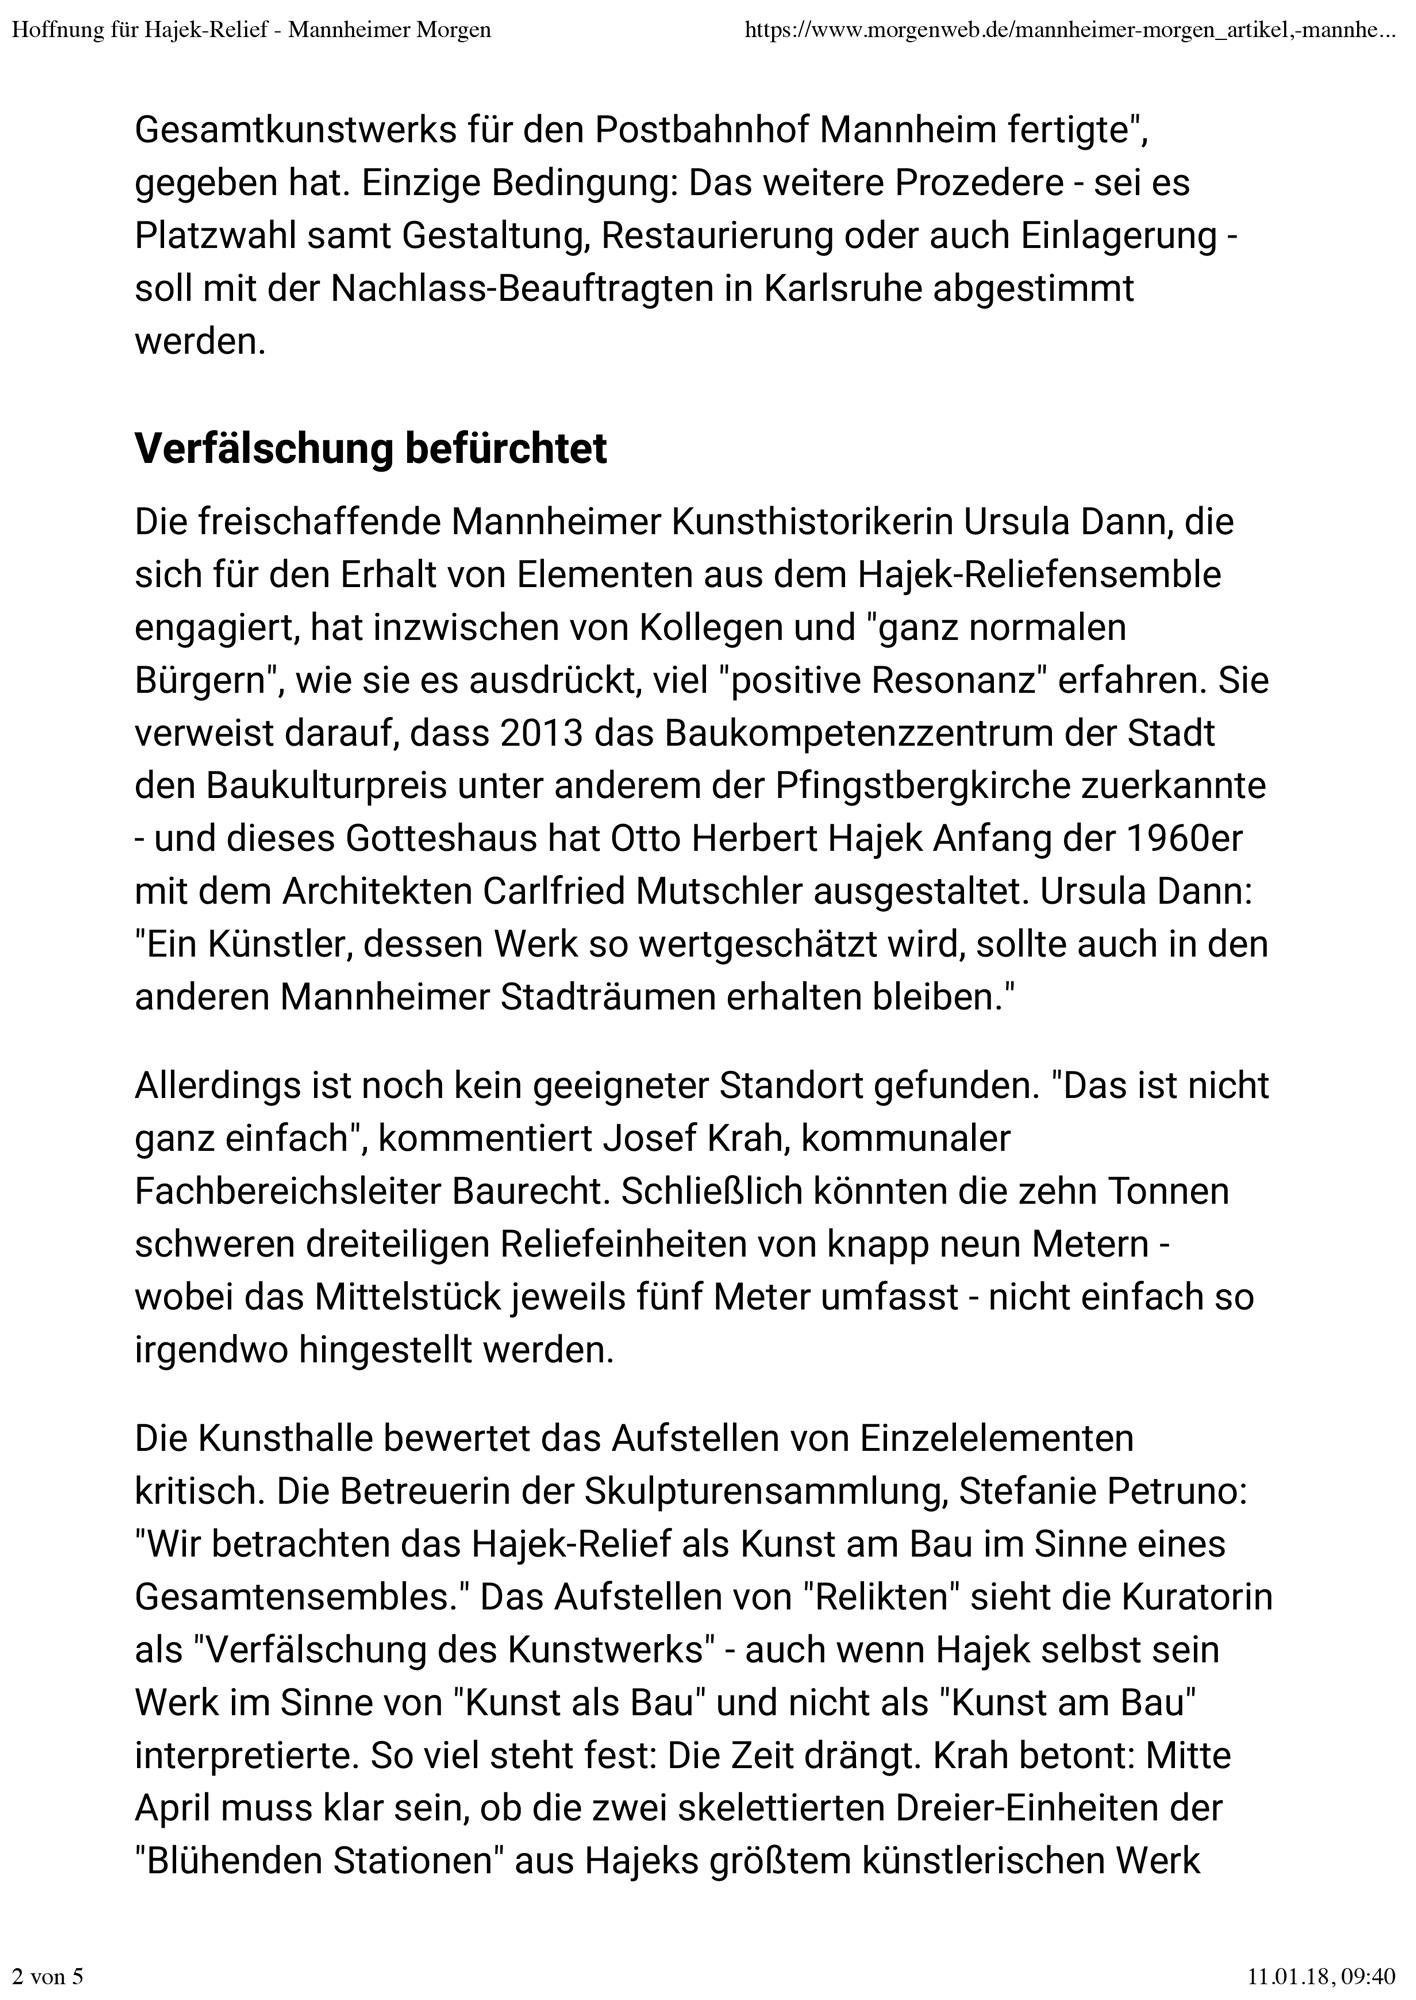 Hoffnung-für-Hajek-Relief---Mannheimer-Morgen-2.jpg